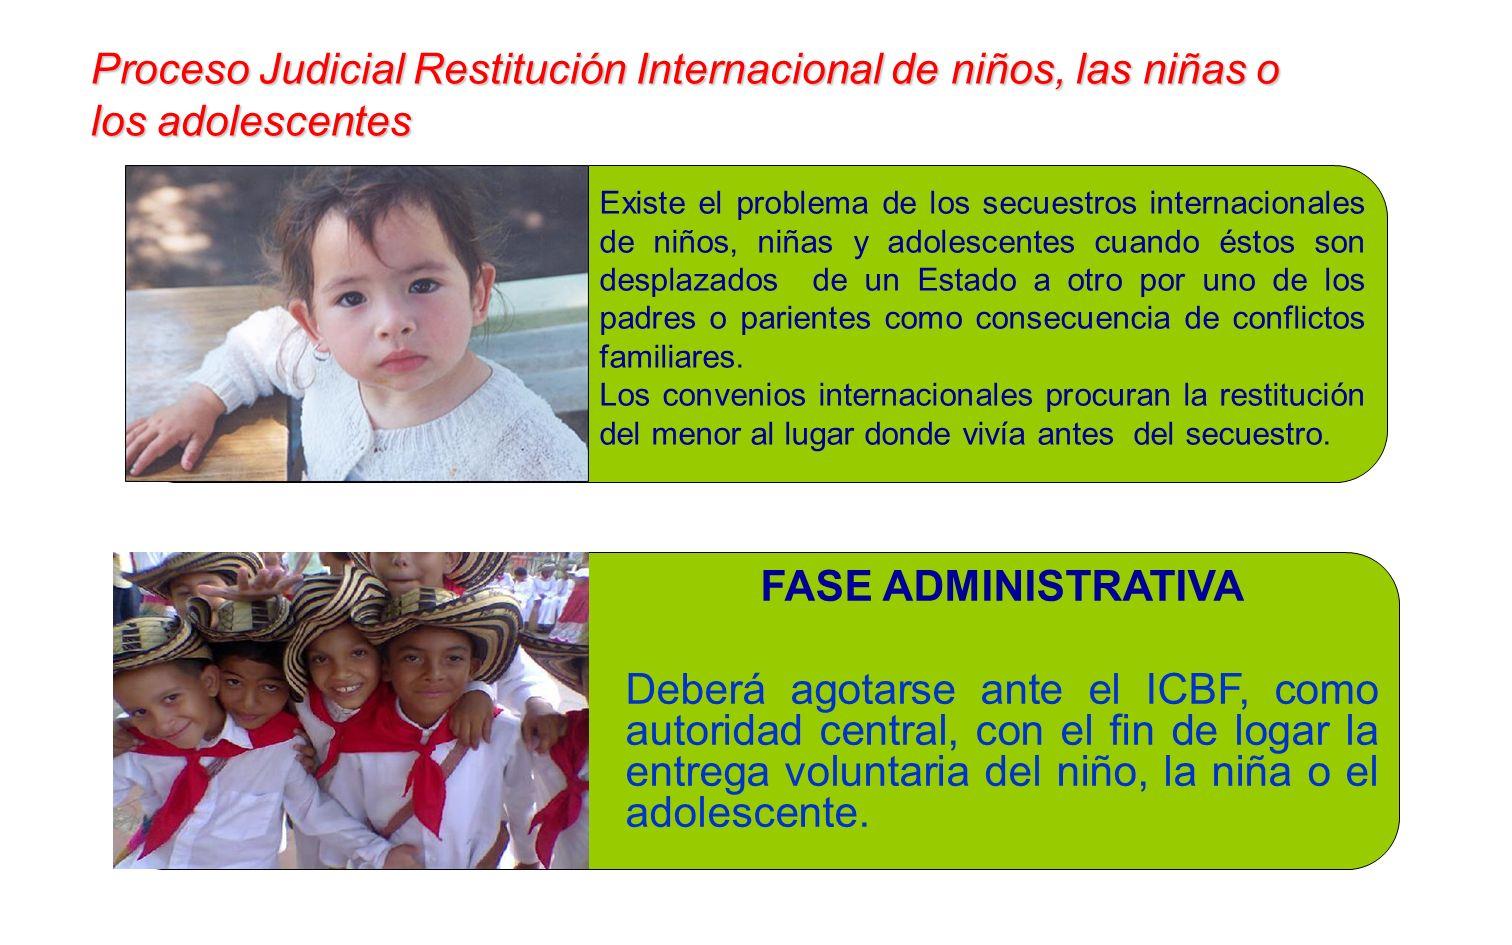 Proceso Judicial Restitución Internacional de niños, las niñas o los adolescentes